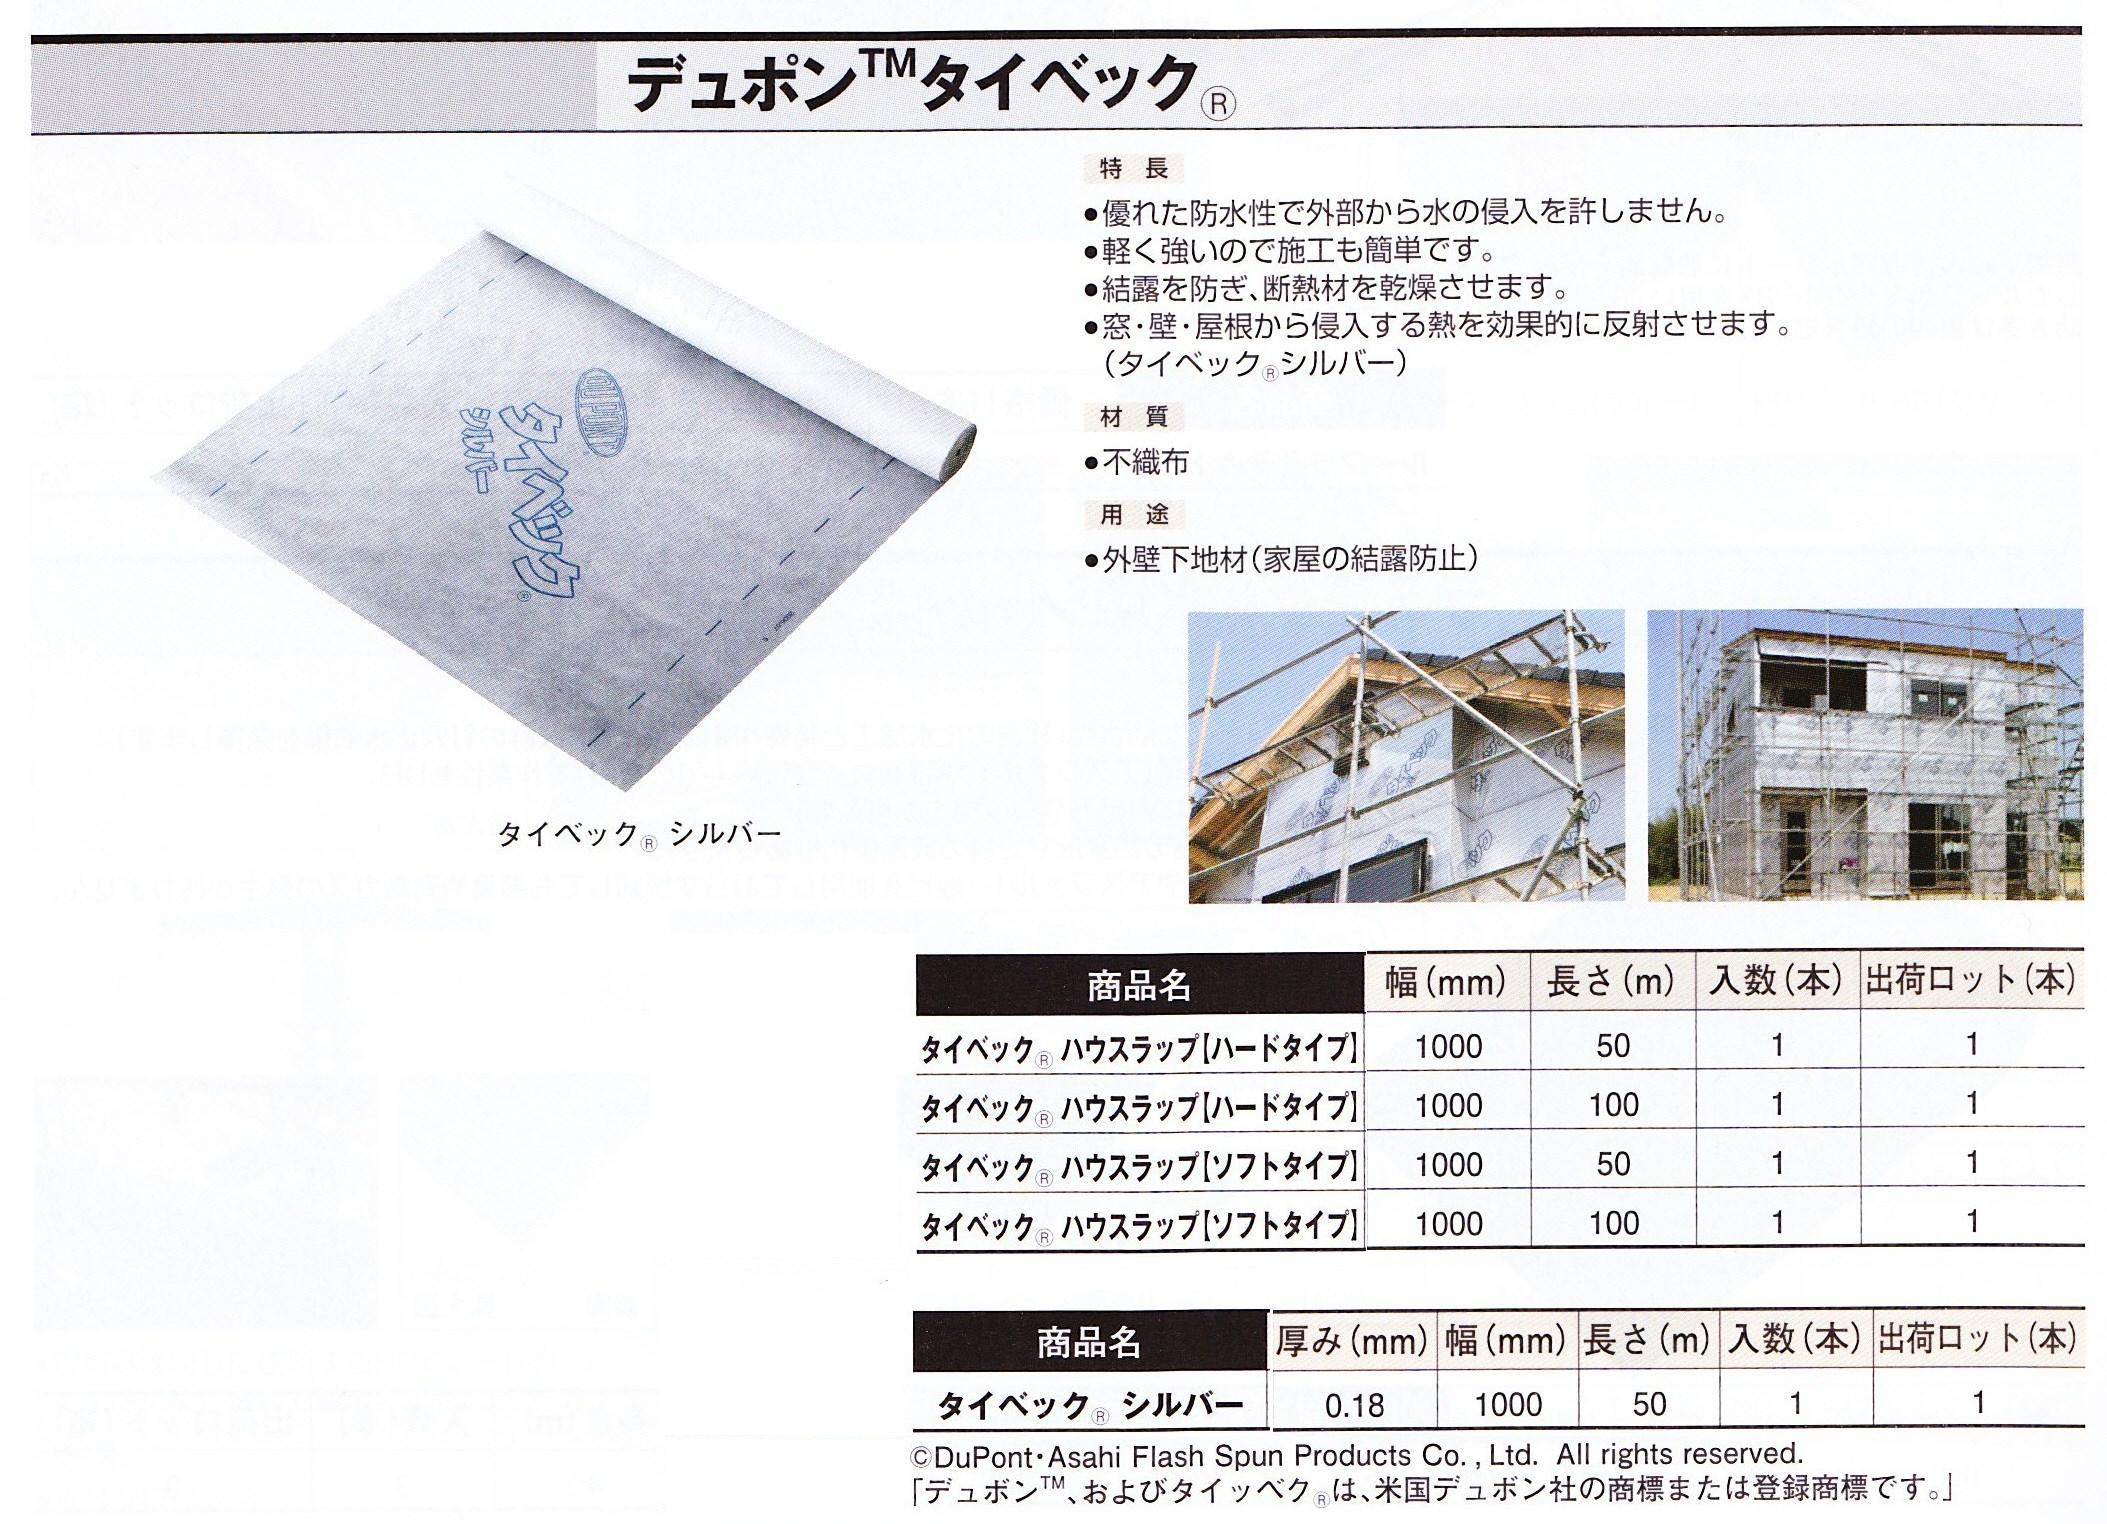 タイベック ハウスラップ(ハードタイプ) 送料無料!(1000mm幅×50m巻 2本)